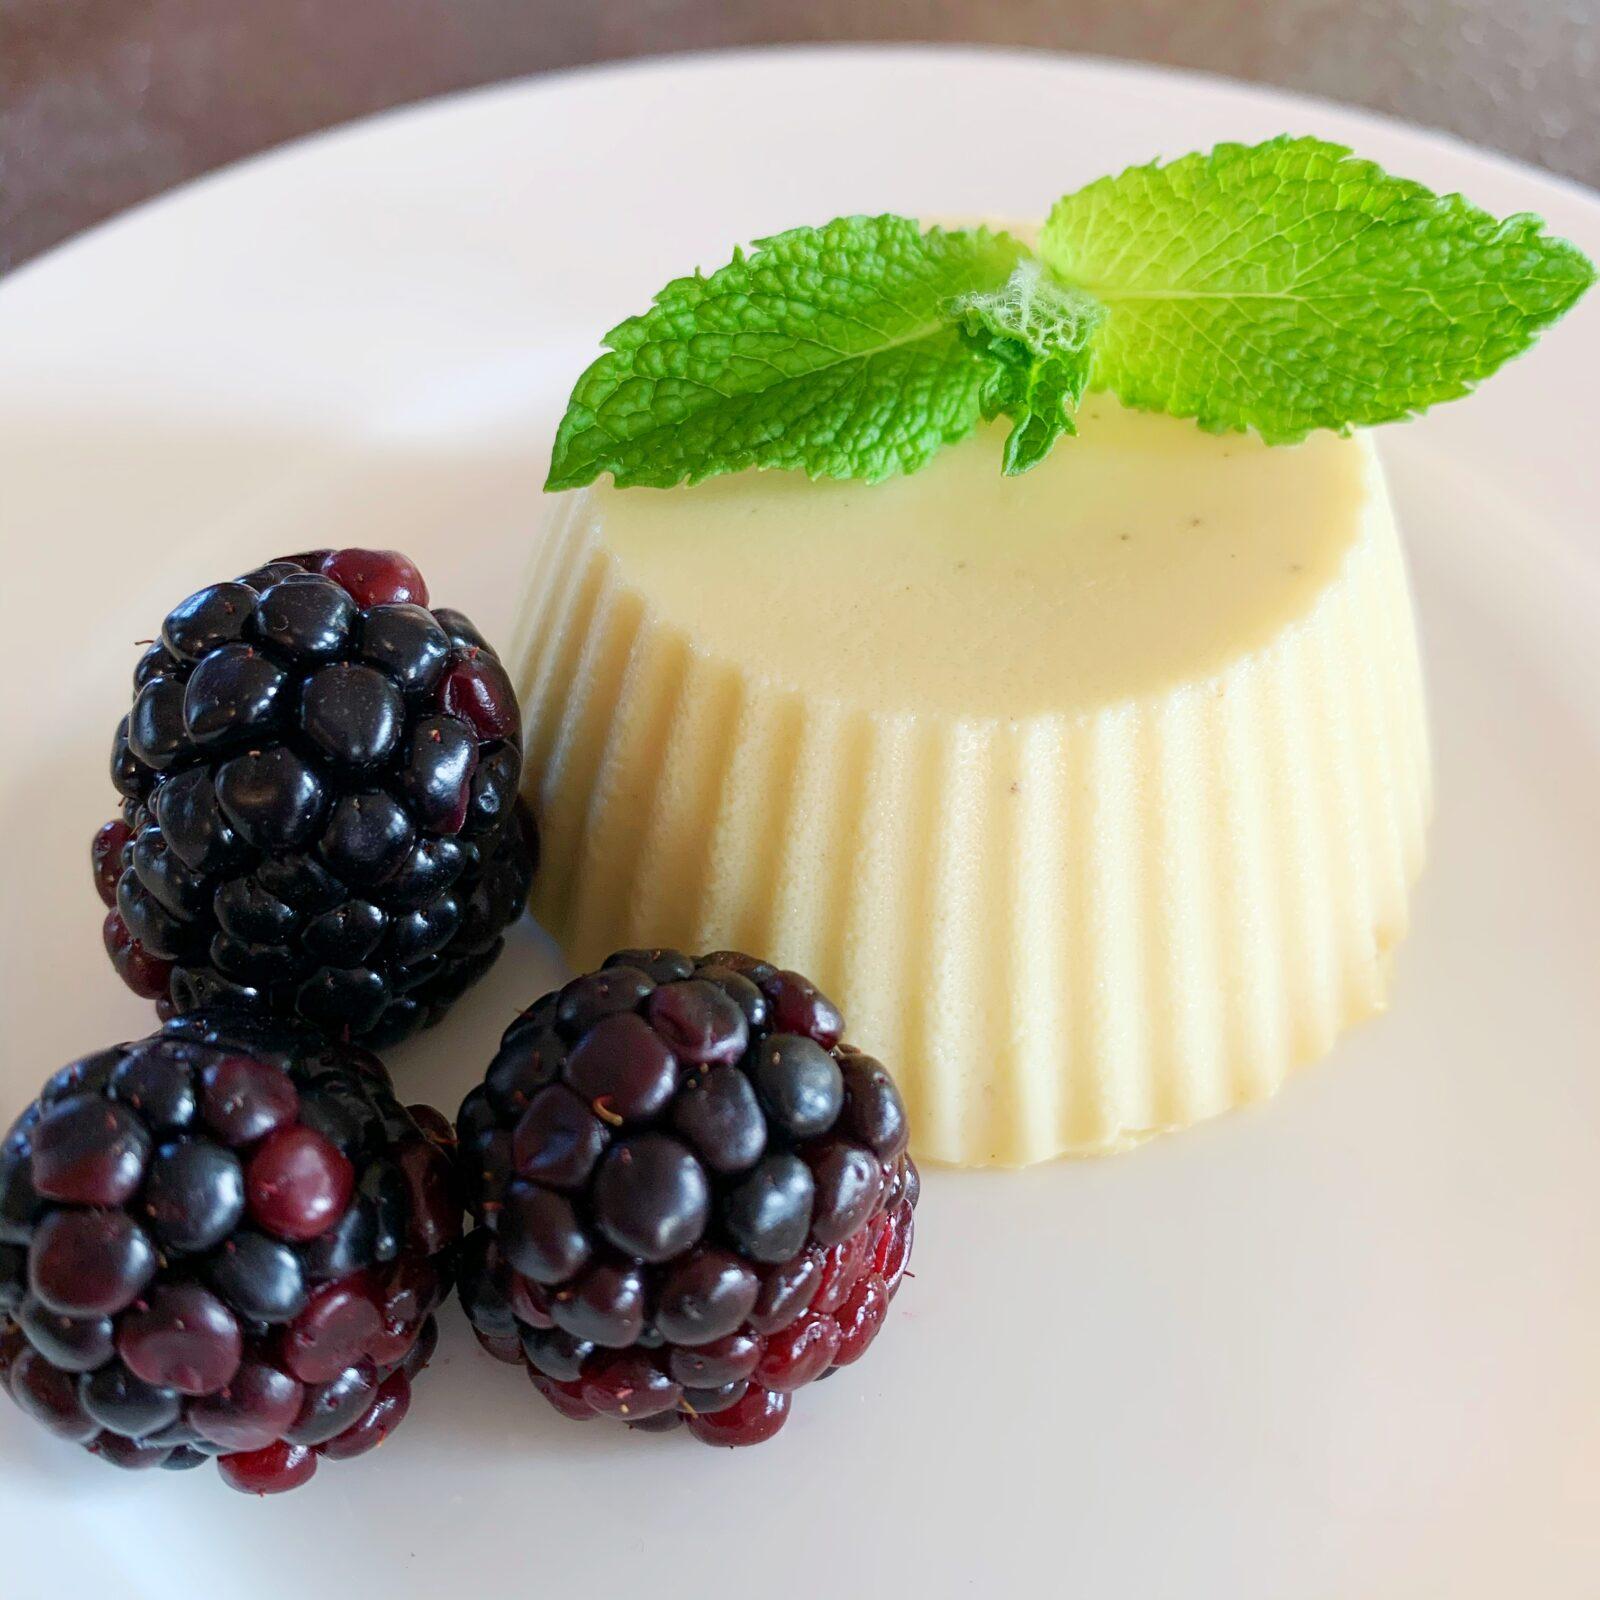 panna cotta dessert italian